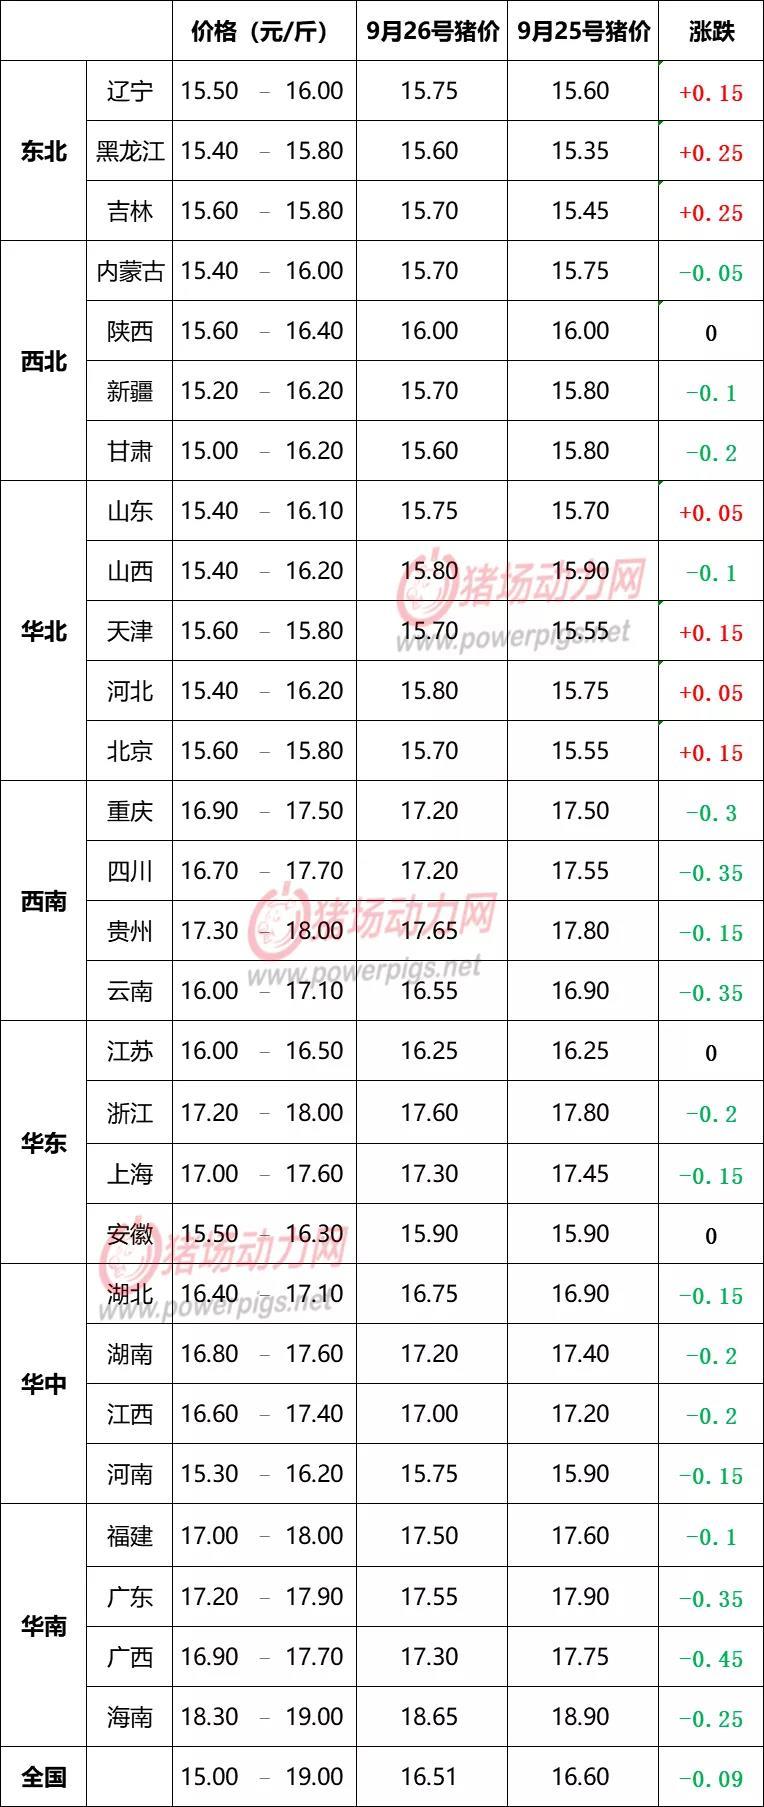 9月26日生猪价格信息:北方上涨,涨价潮来袭?